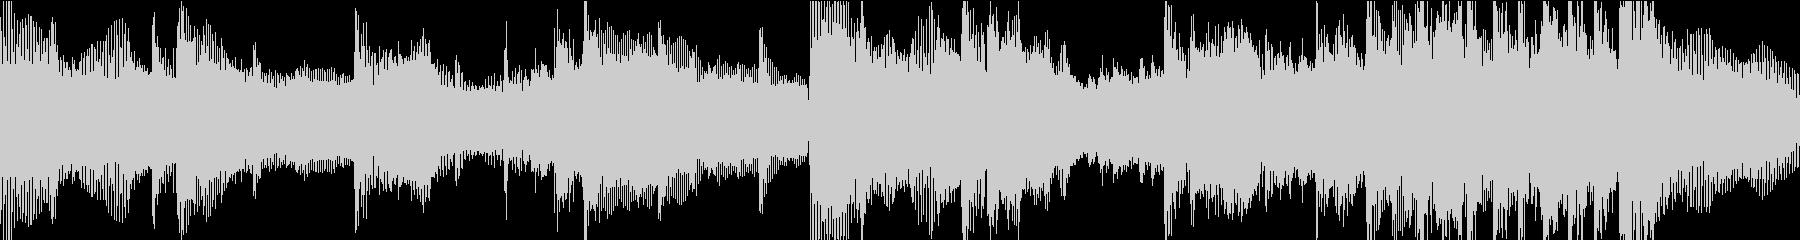 前向きなメロディのポップロックの未再生の波形